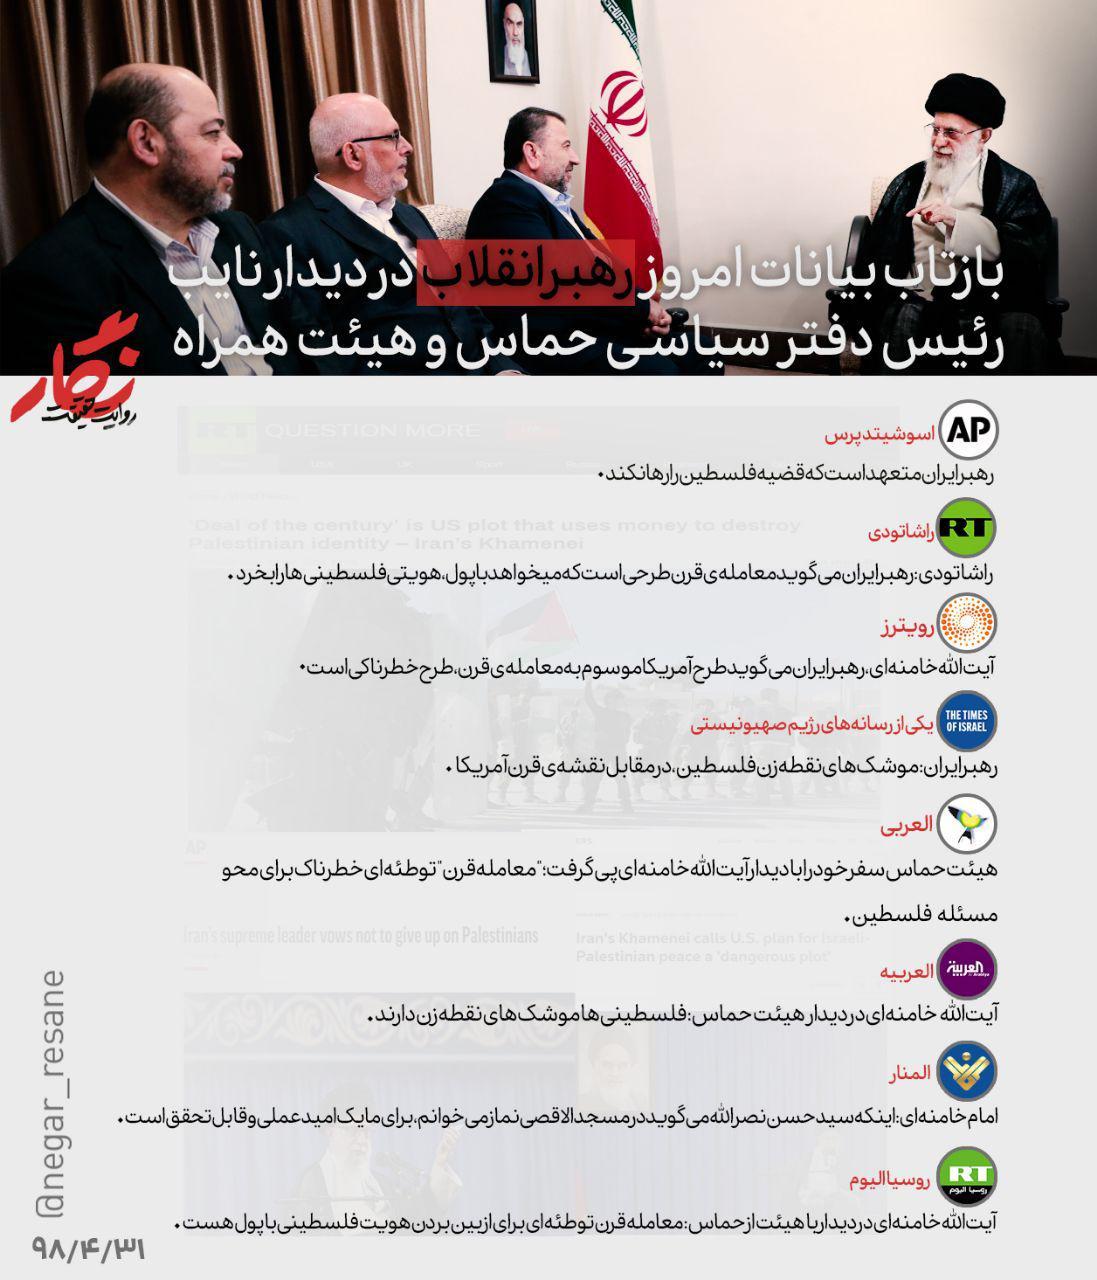 بازتاب سخنان امروز رهبر انقلاب در رسانههای بینالمللی +عکسنوشته